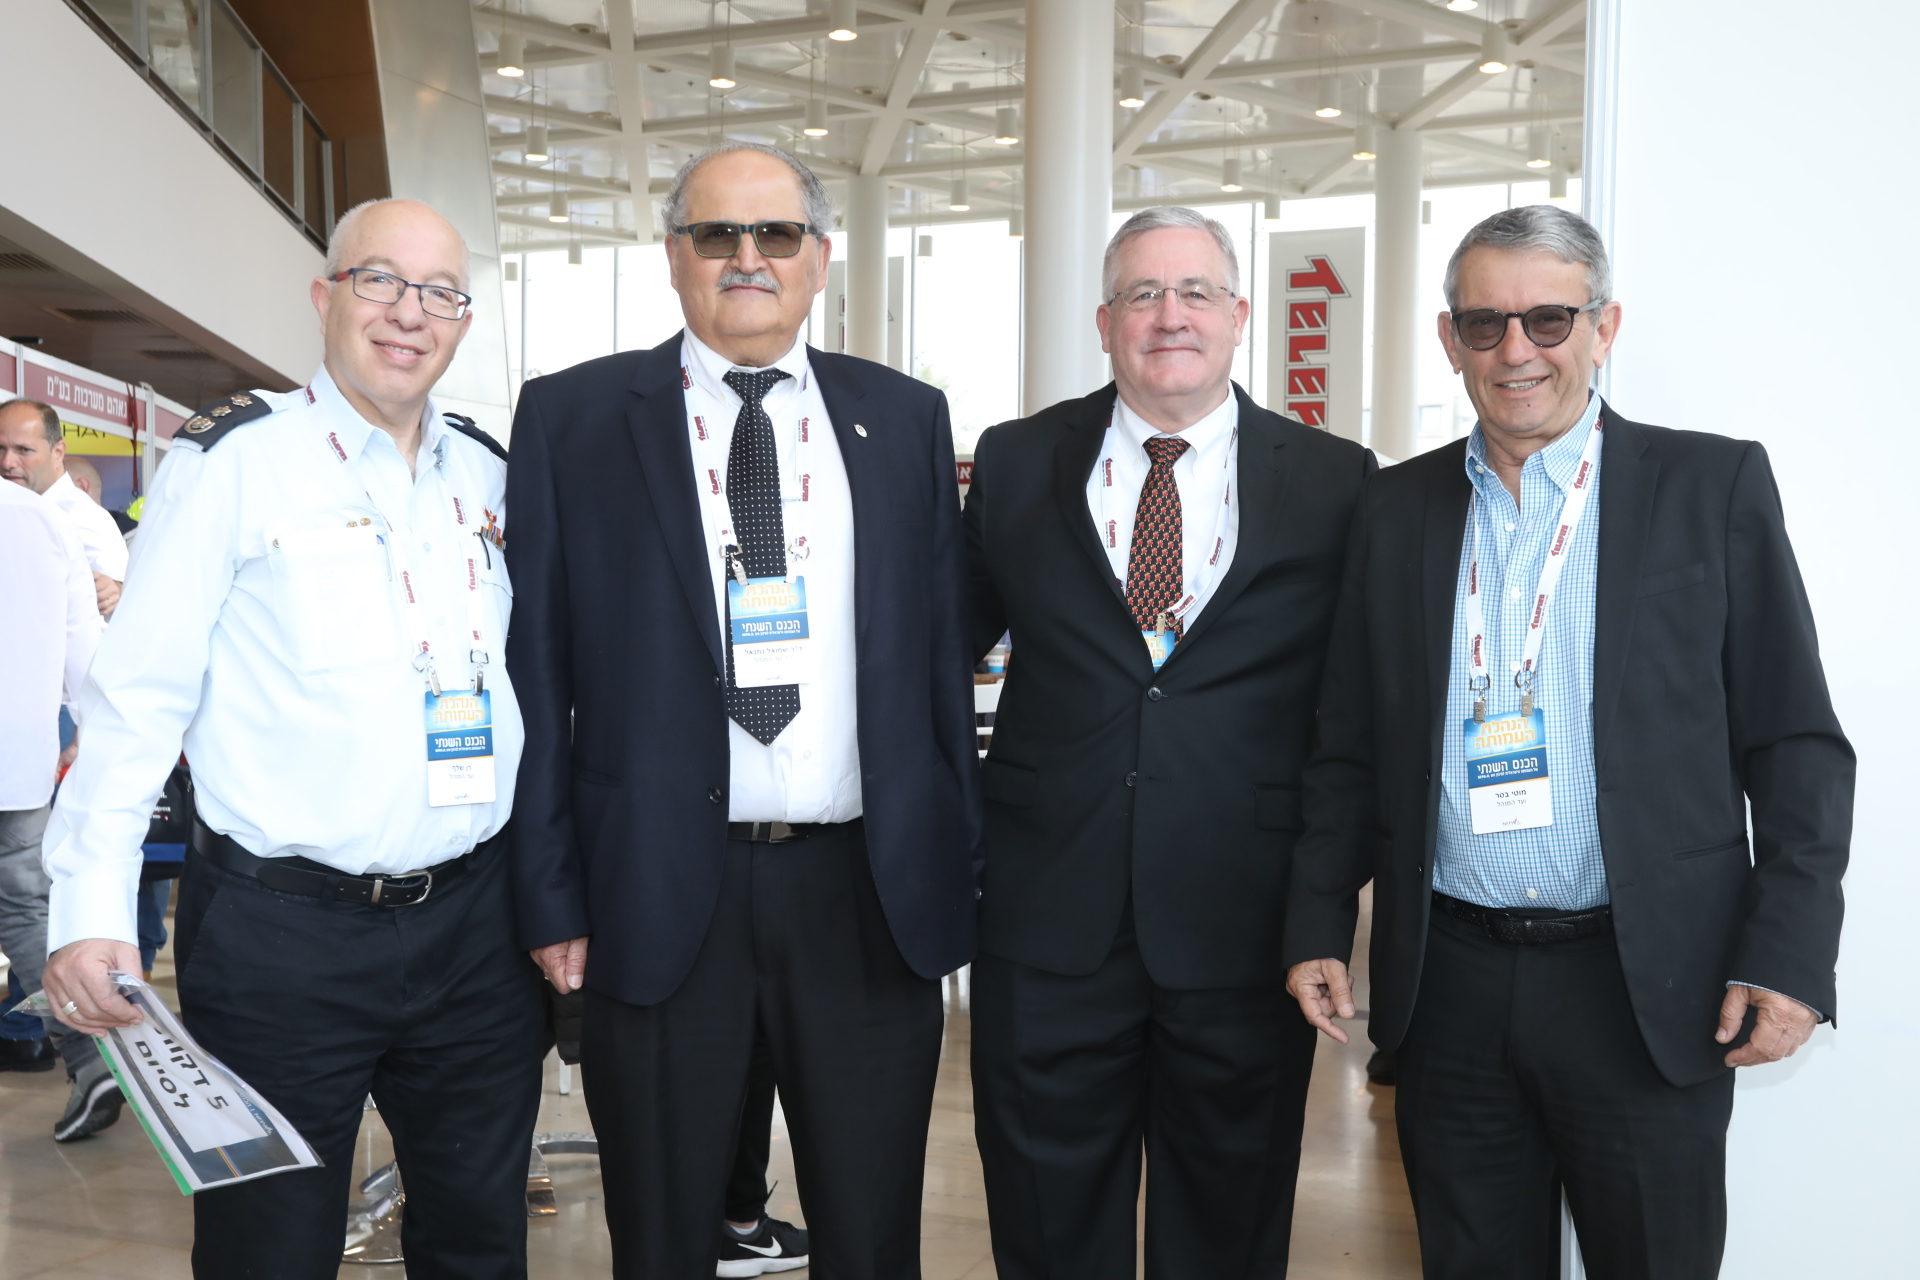 העמותה הישראלית למיגון מפני אש NFPA IL קיימה את האירוע השנתי שלה